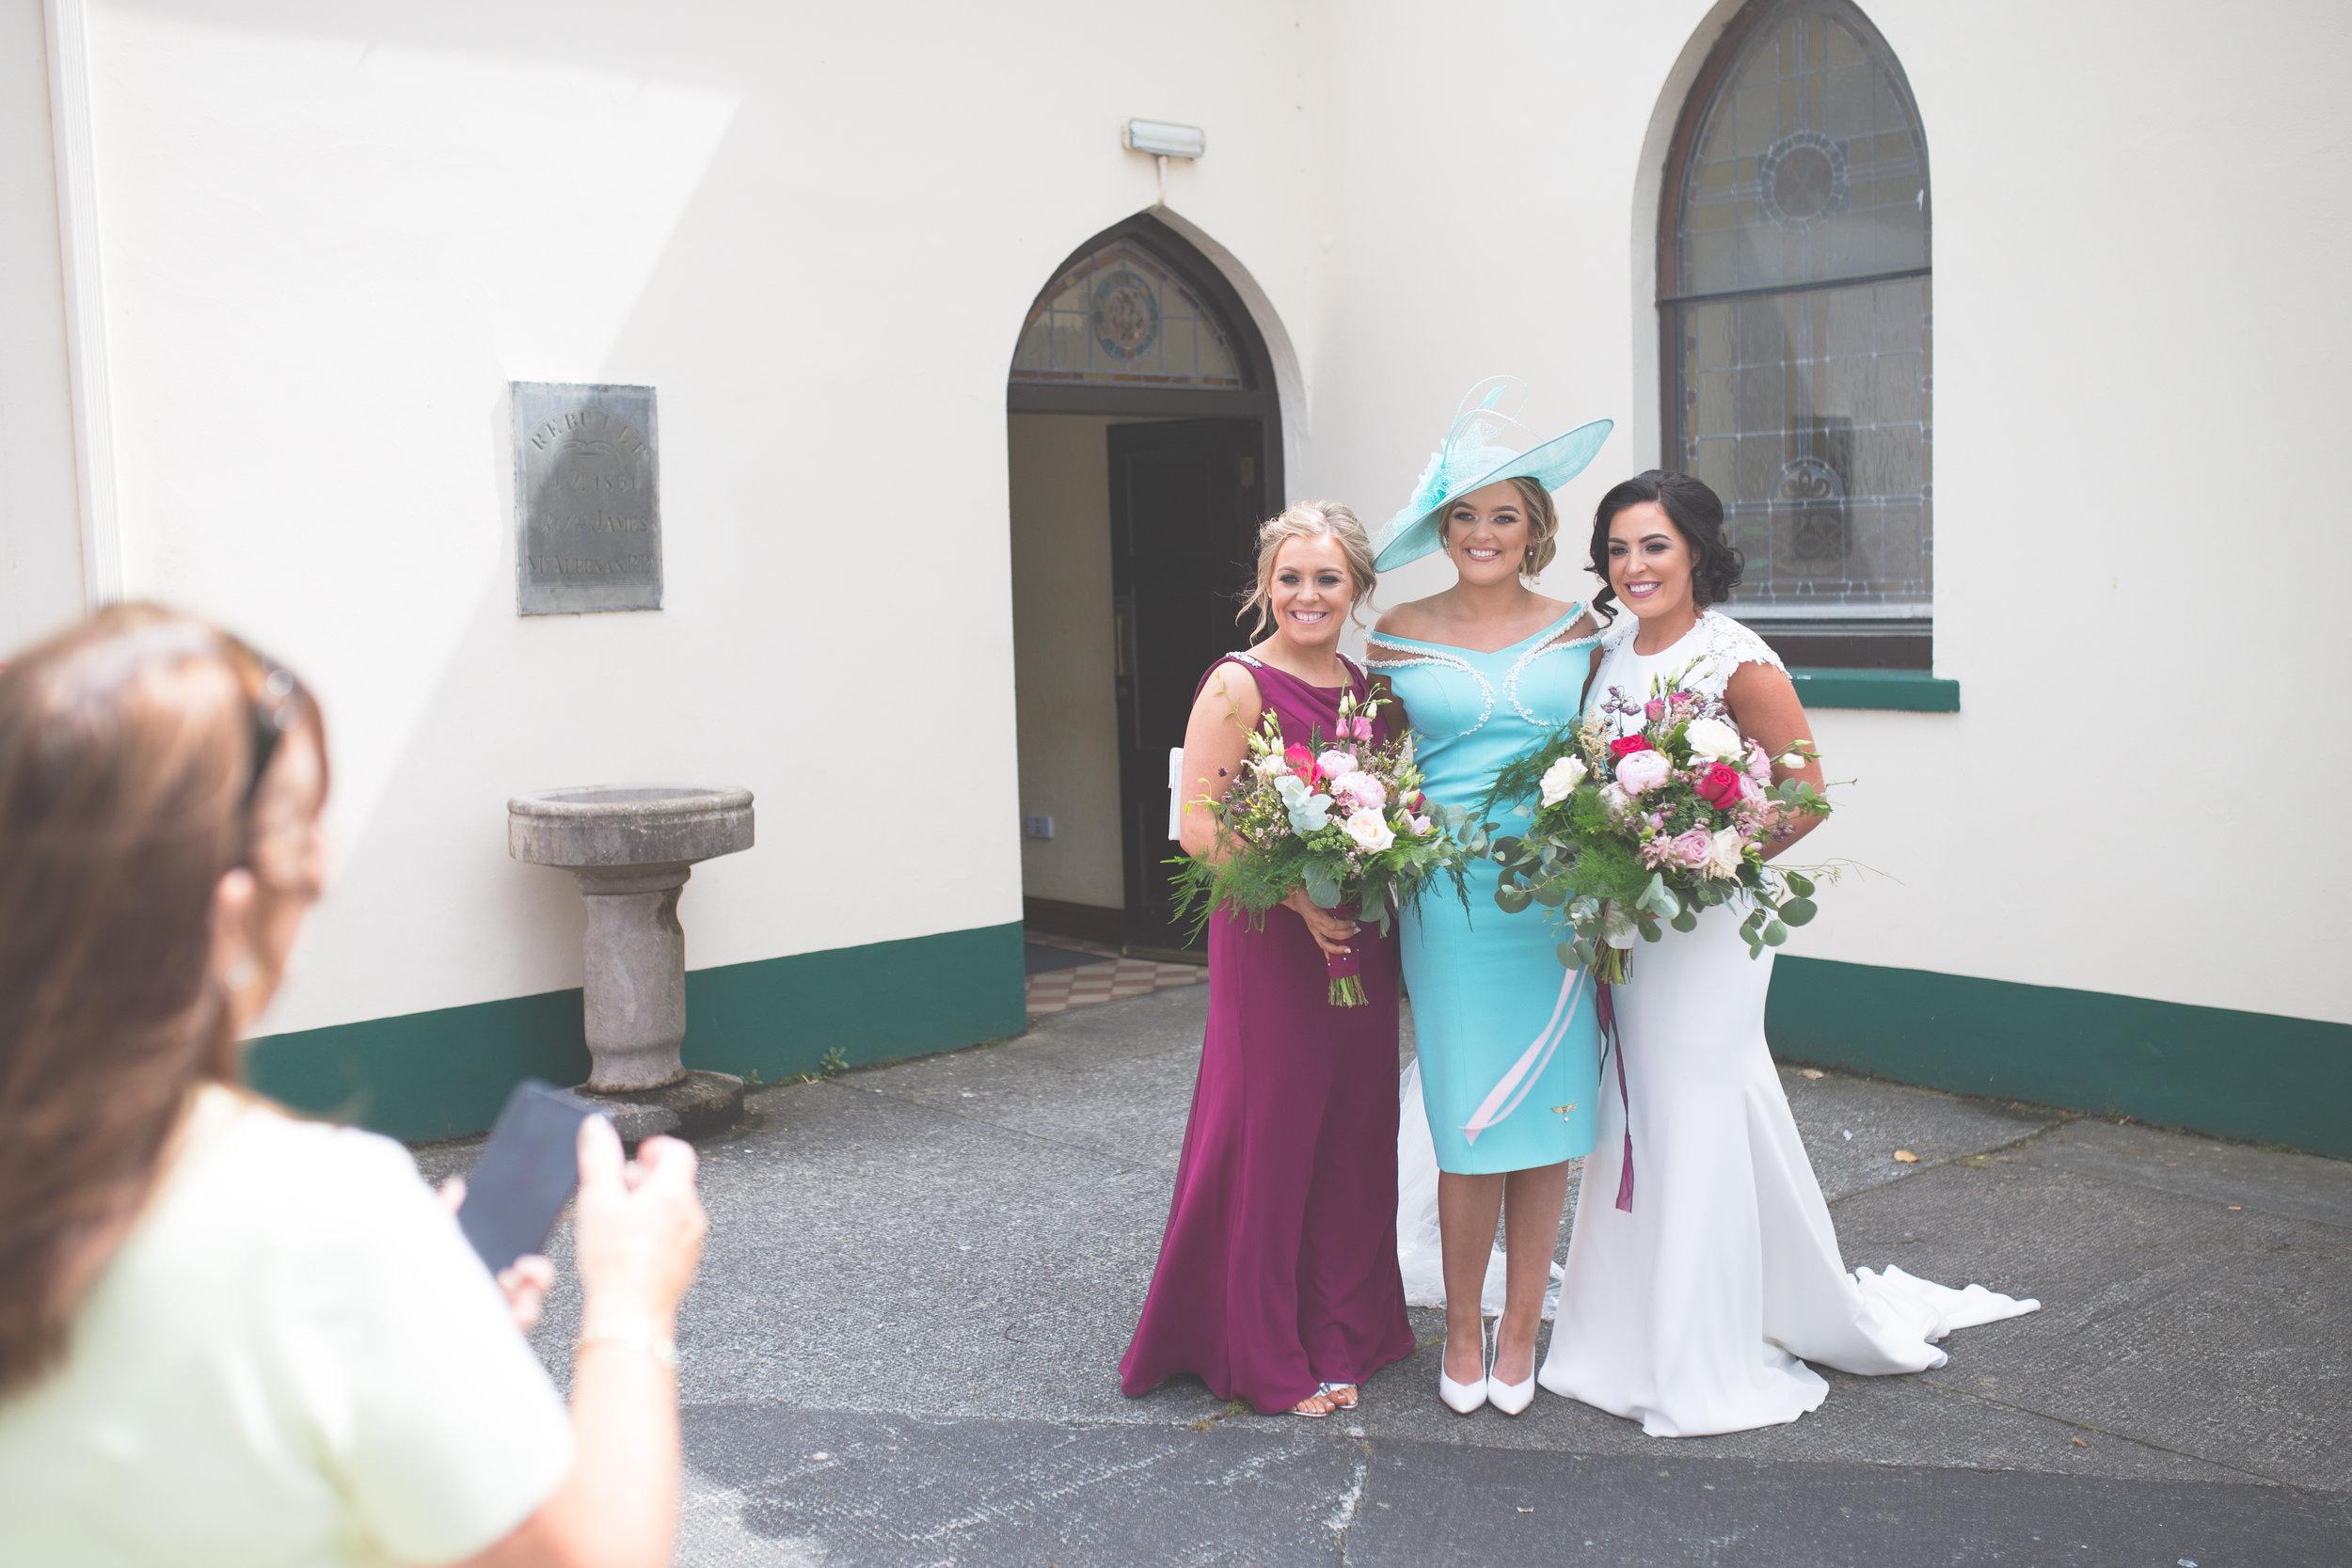 Brian McEwan Wedding Photography   Carol-Anne & Sean   The Ceremony-160.jpg